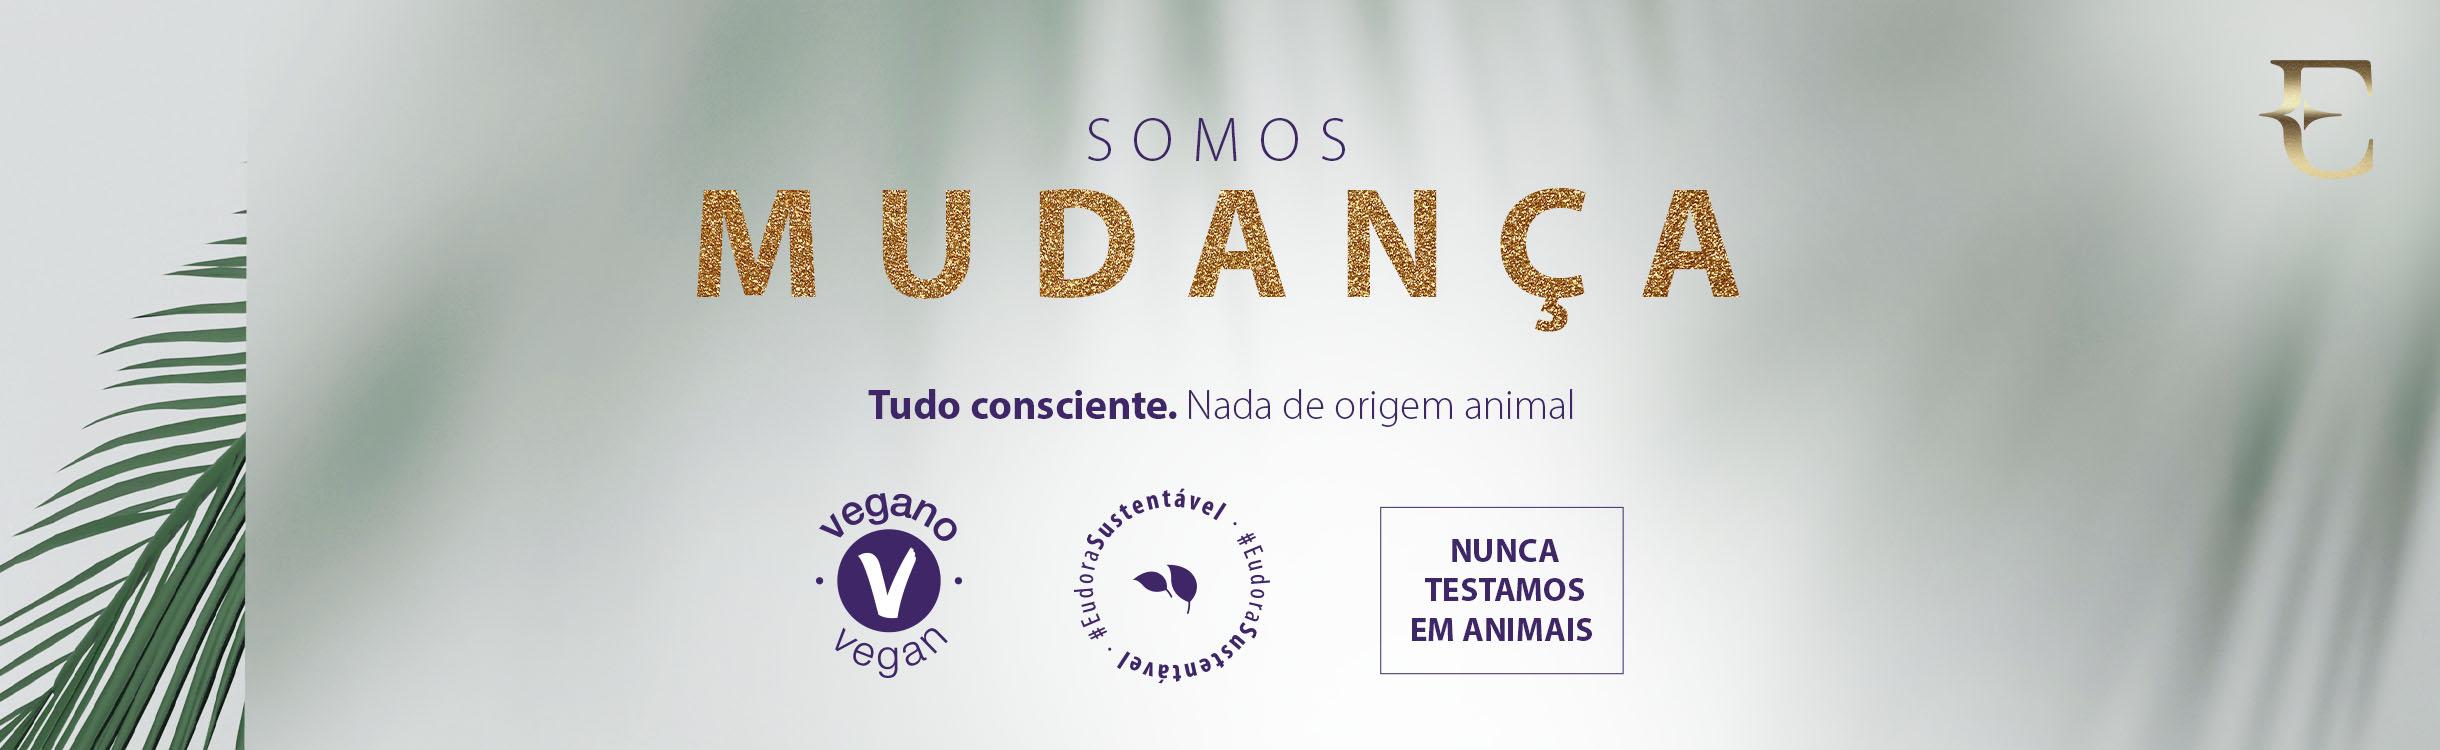 Nossos produtos veganos